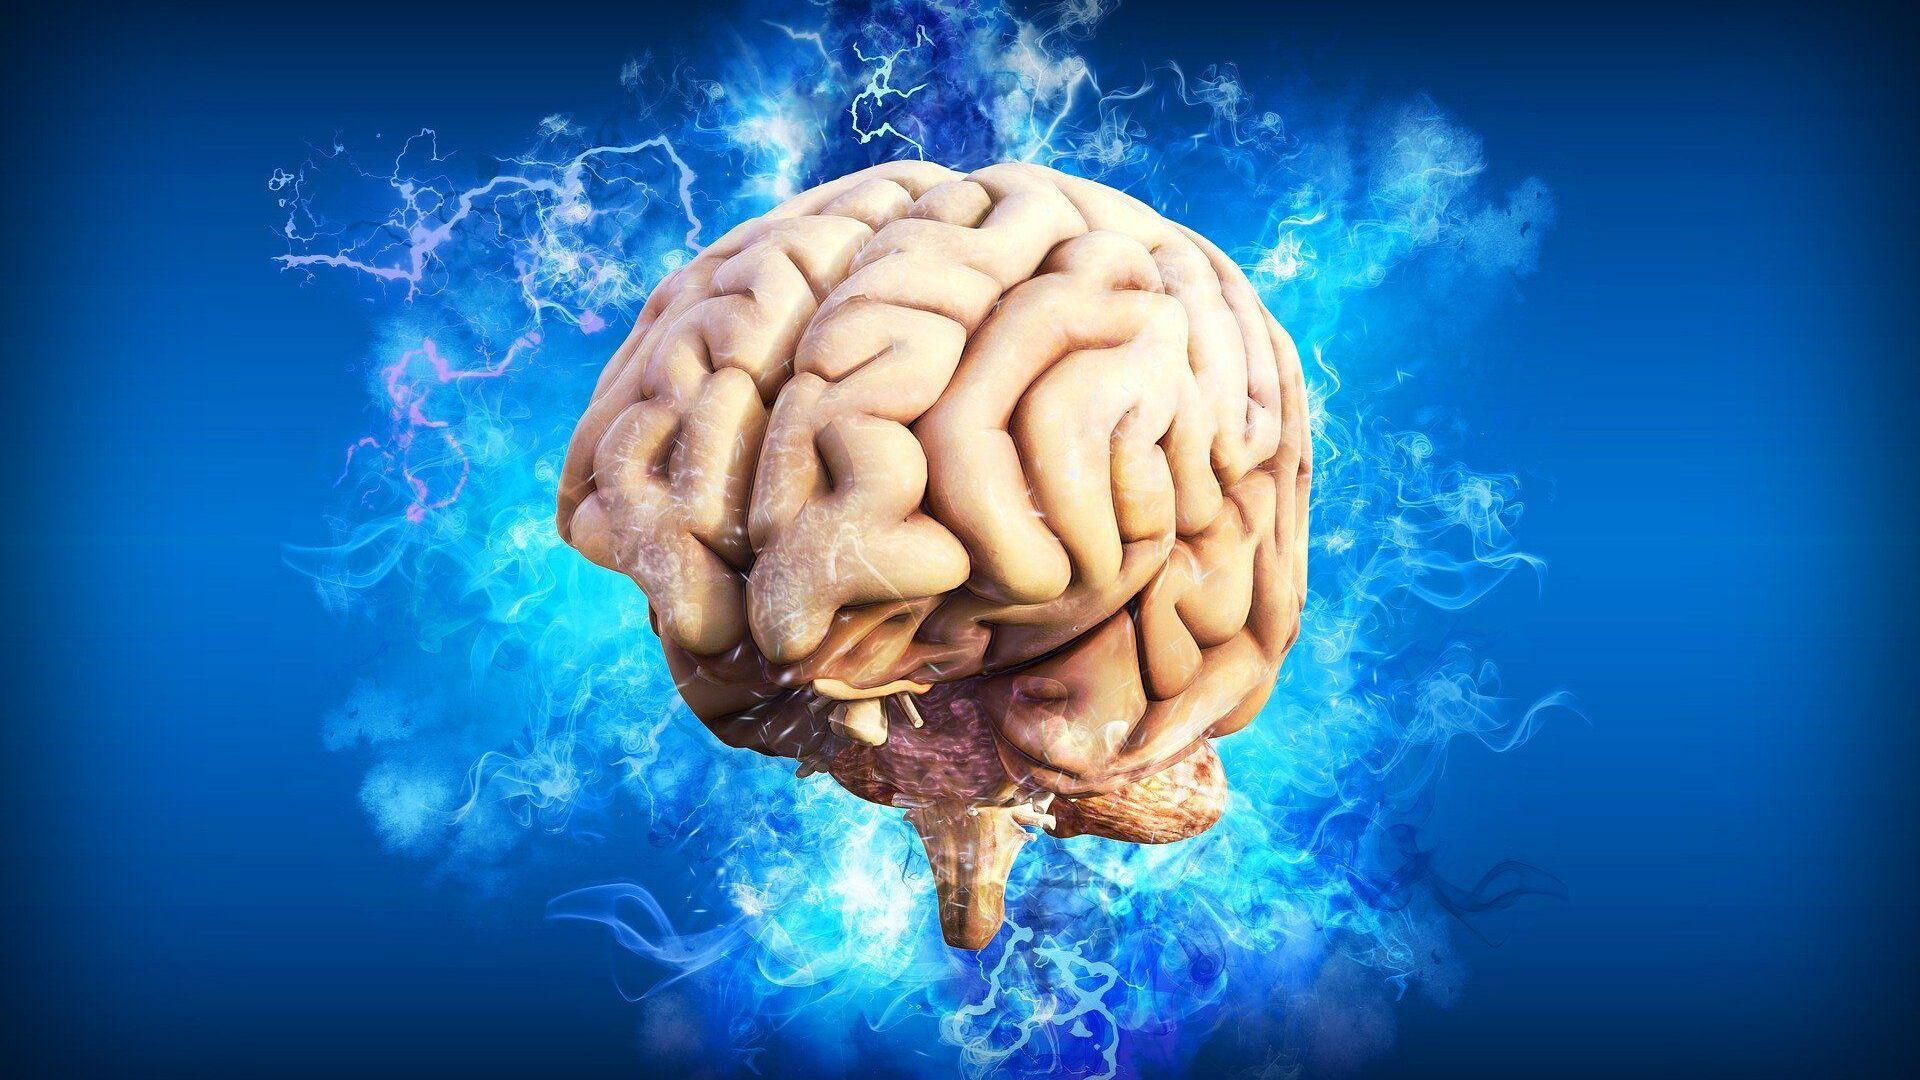 Ανθρώπινος εγκέφαλος (καλλιτεχνική αναπαράσταση) - Sputnik Ελλάδα, 1920, 14.09.2021